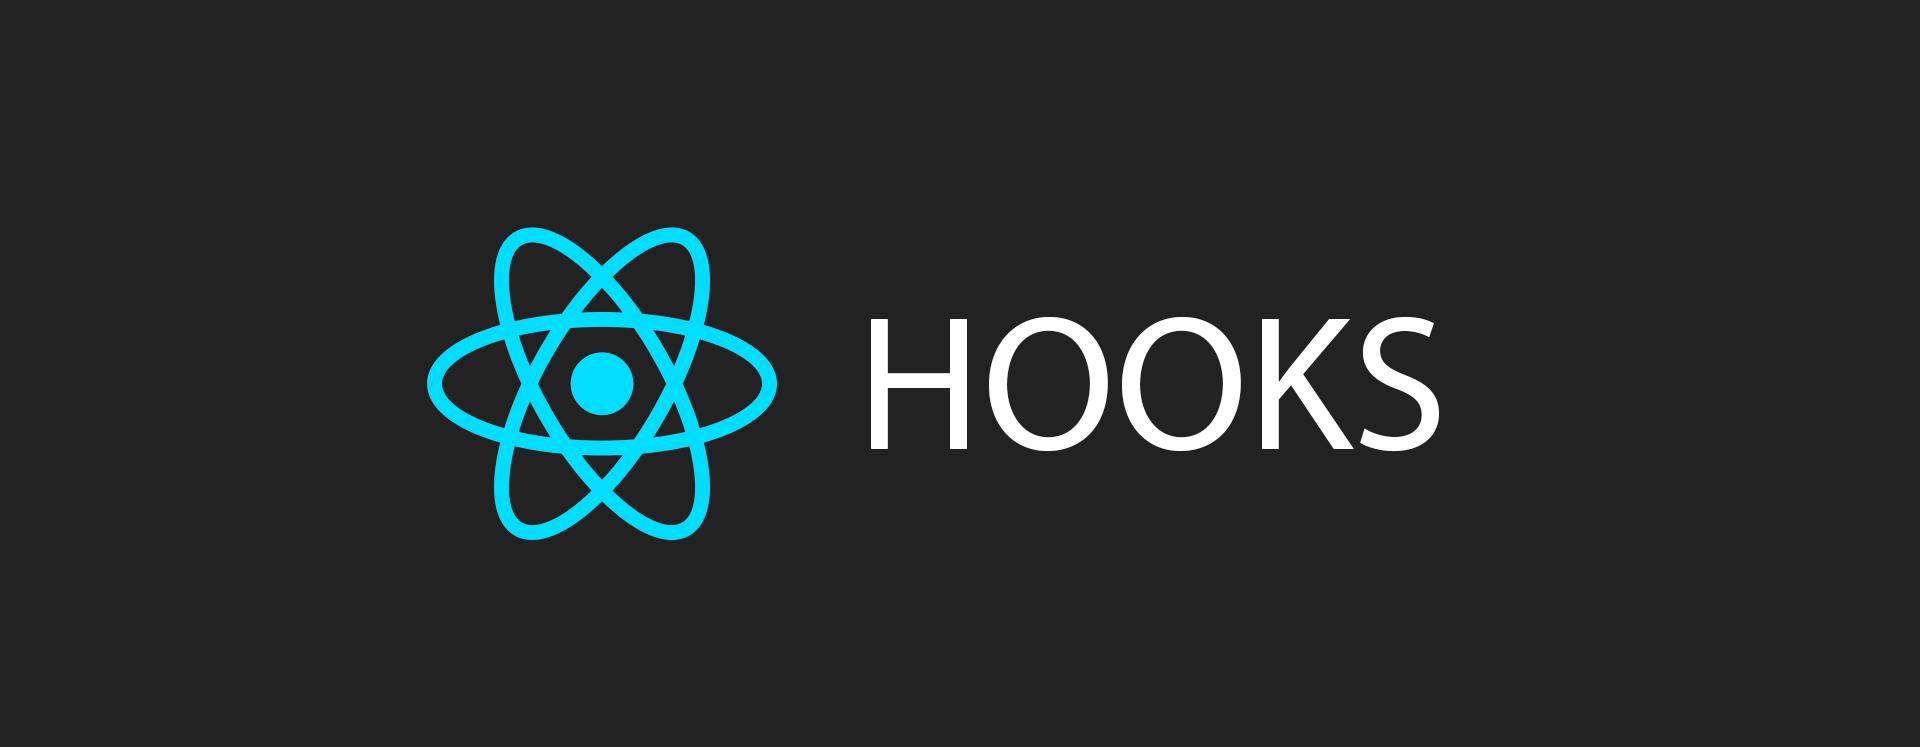 Cùng tìm hiểu về các hook trong React hooks